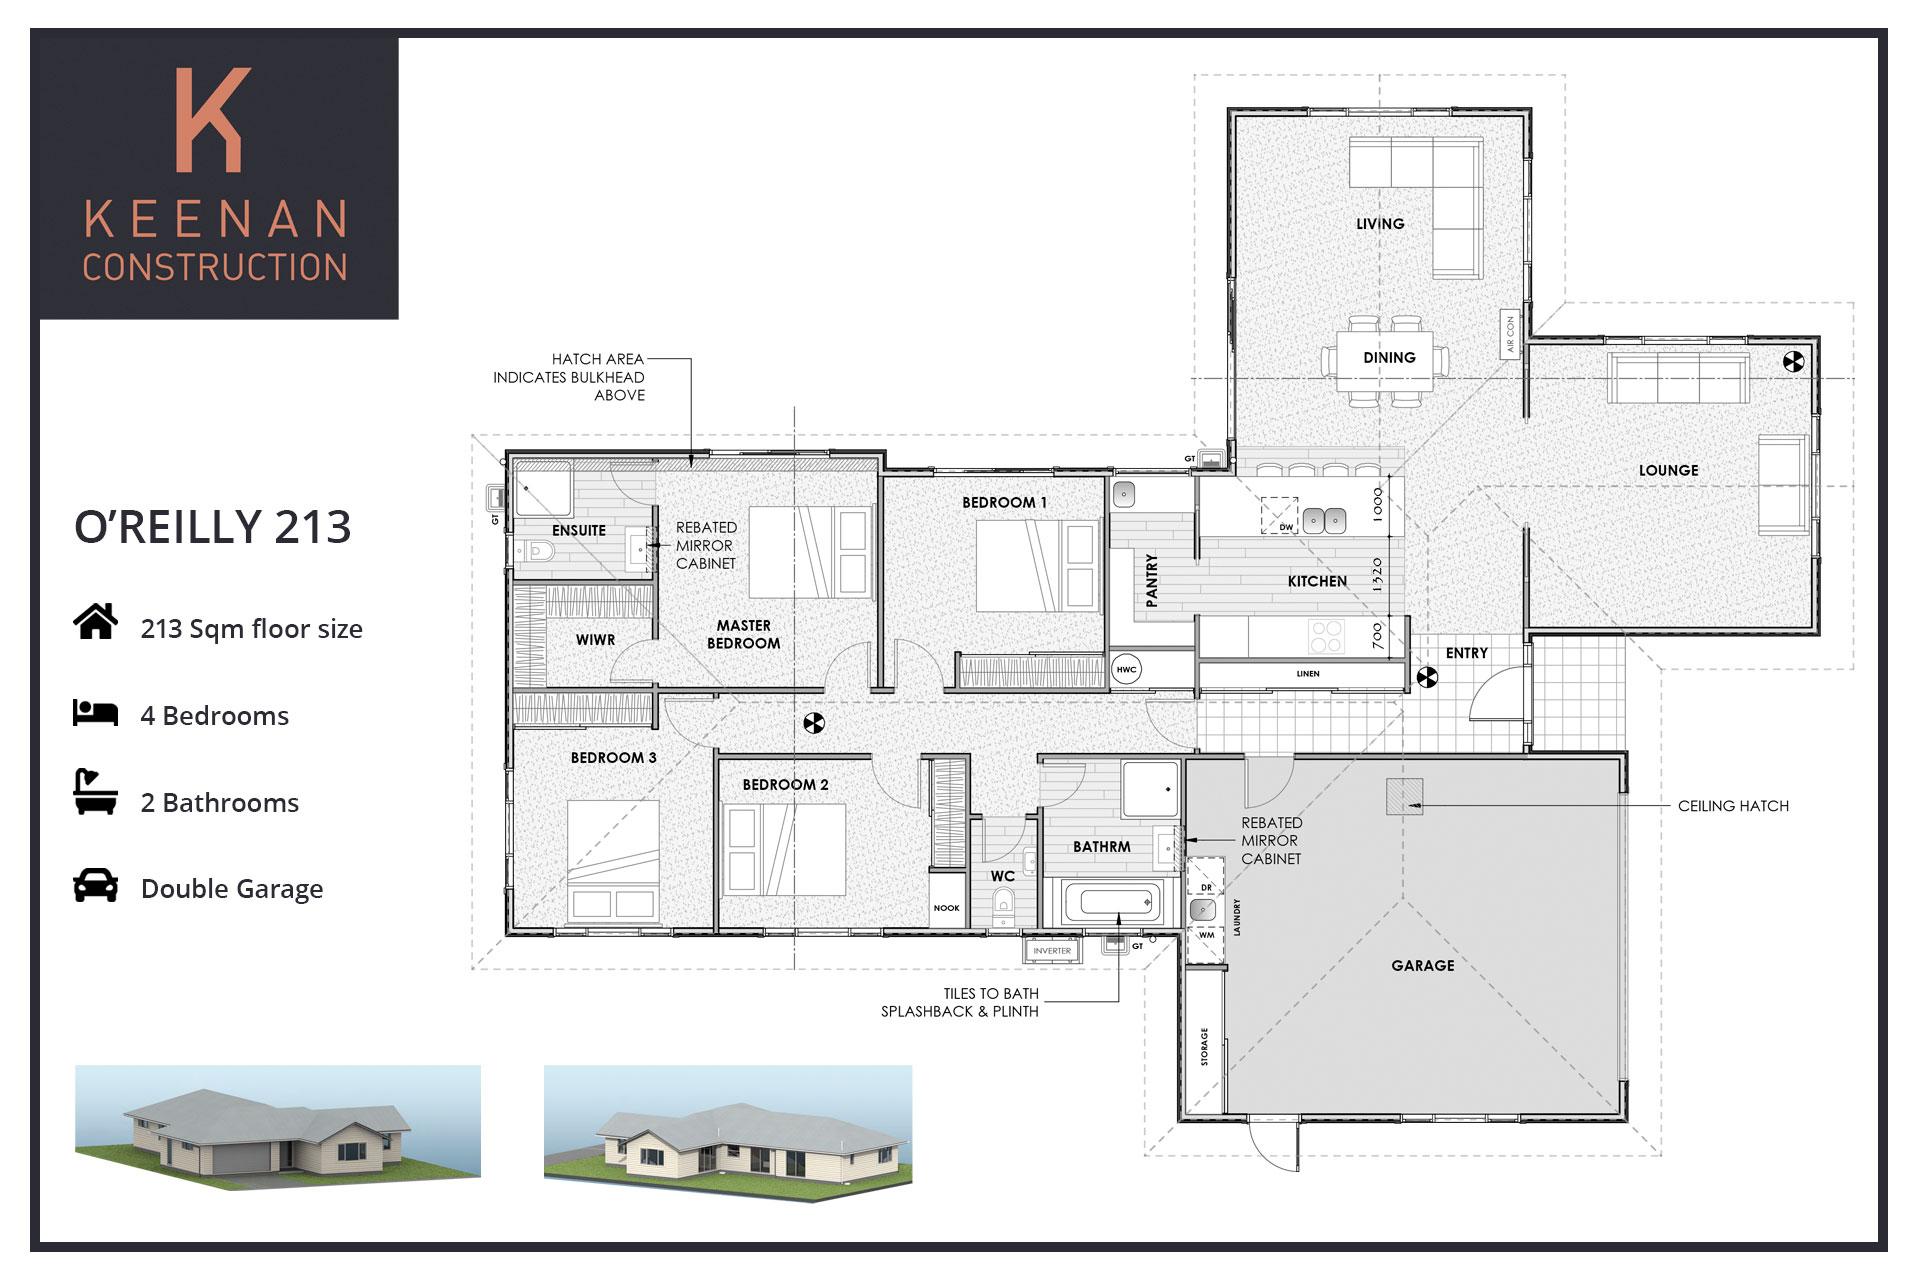 OReilly 213 Floor Plans